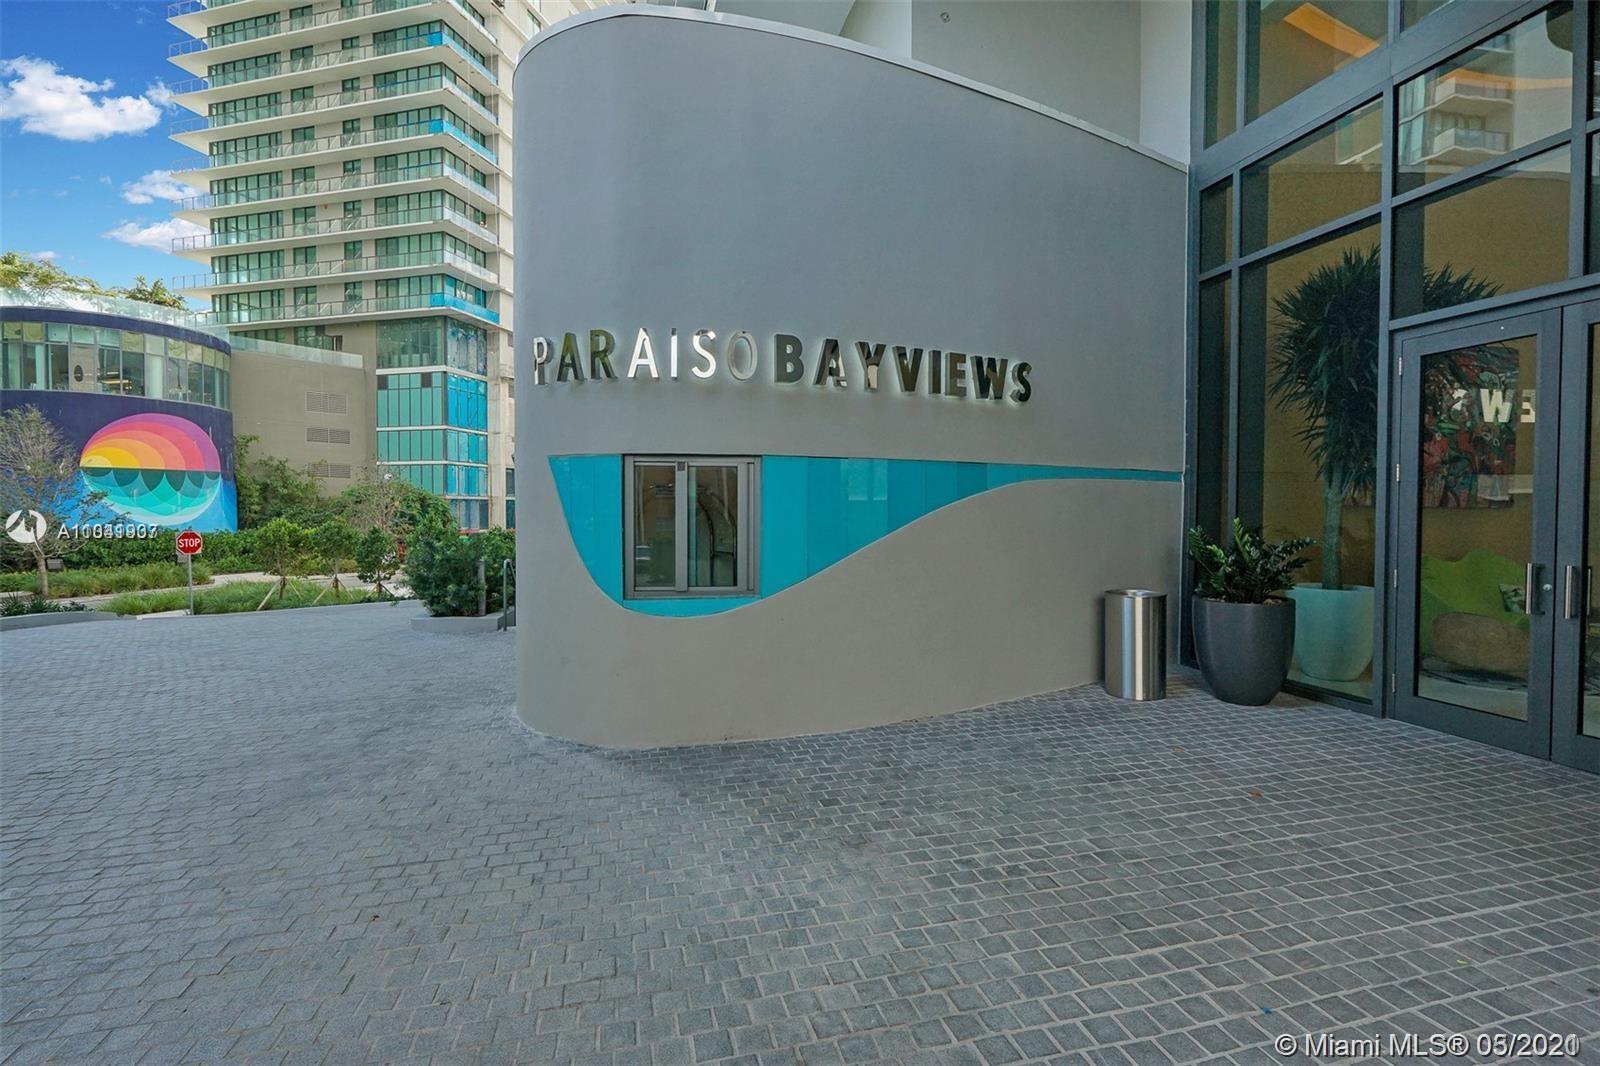 Paraiso Bayviews #709 - 22 - photo